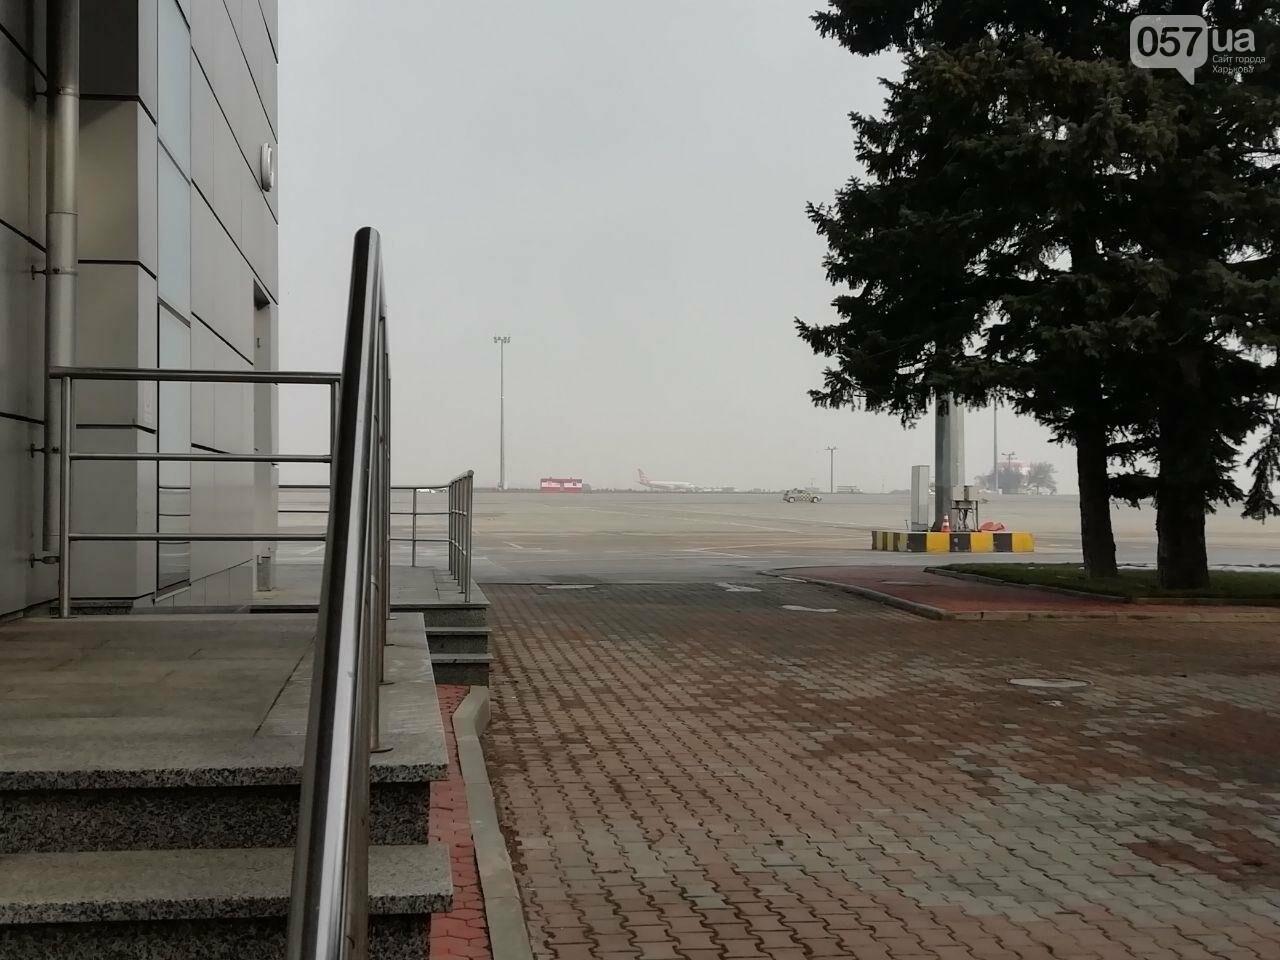 В харьковском аэропорту приземлился самолет с эвакуированными пассажирами из Китая, - ОНЛАЙН-ТРАНСЛЯЦИЯ, фото-14